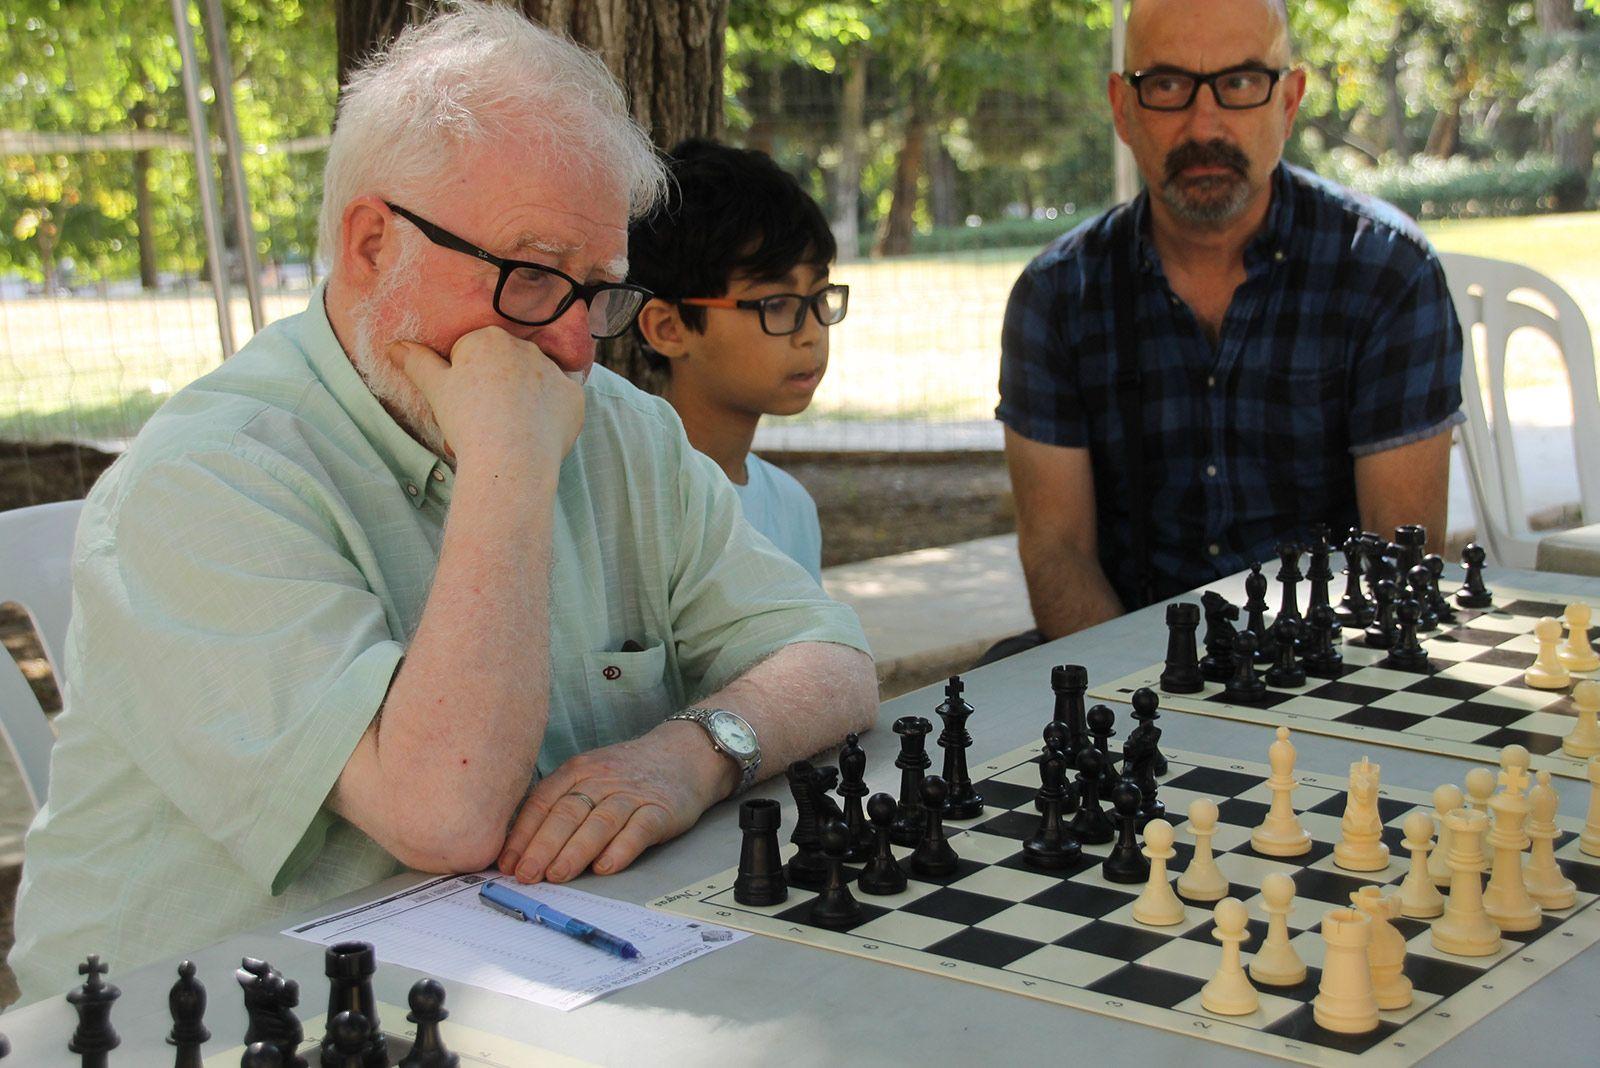 Torneig de partides simultànies d'escacs als Jardins del Monestir. FOTO: Paula Galván